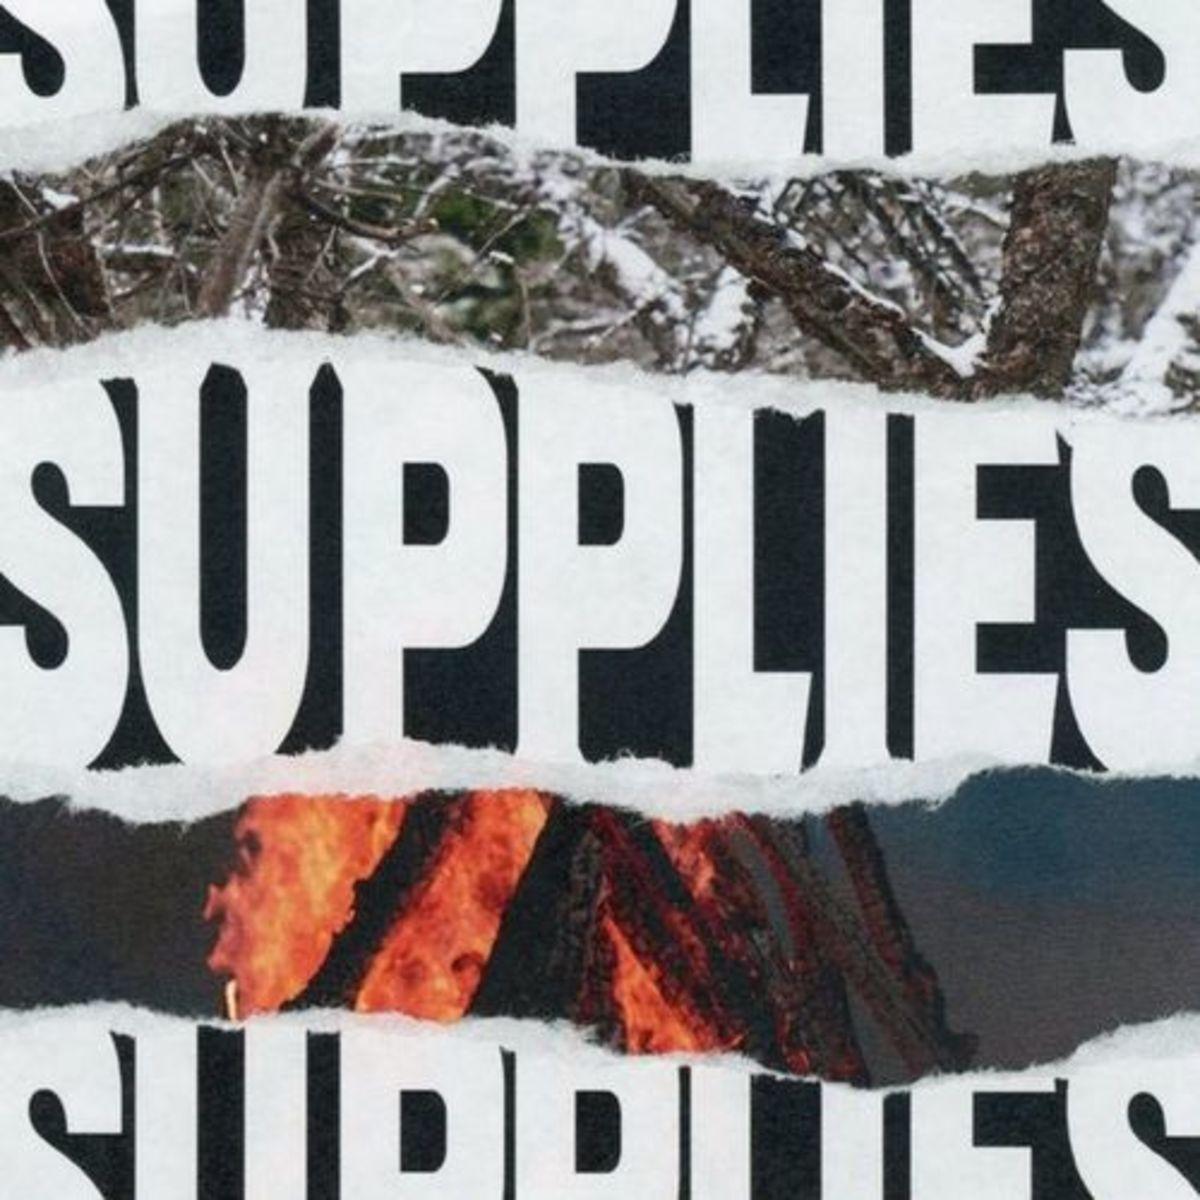 justin-timberlake-supplies.jpg